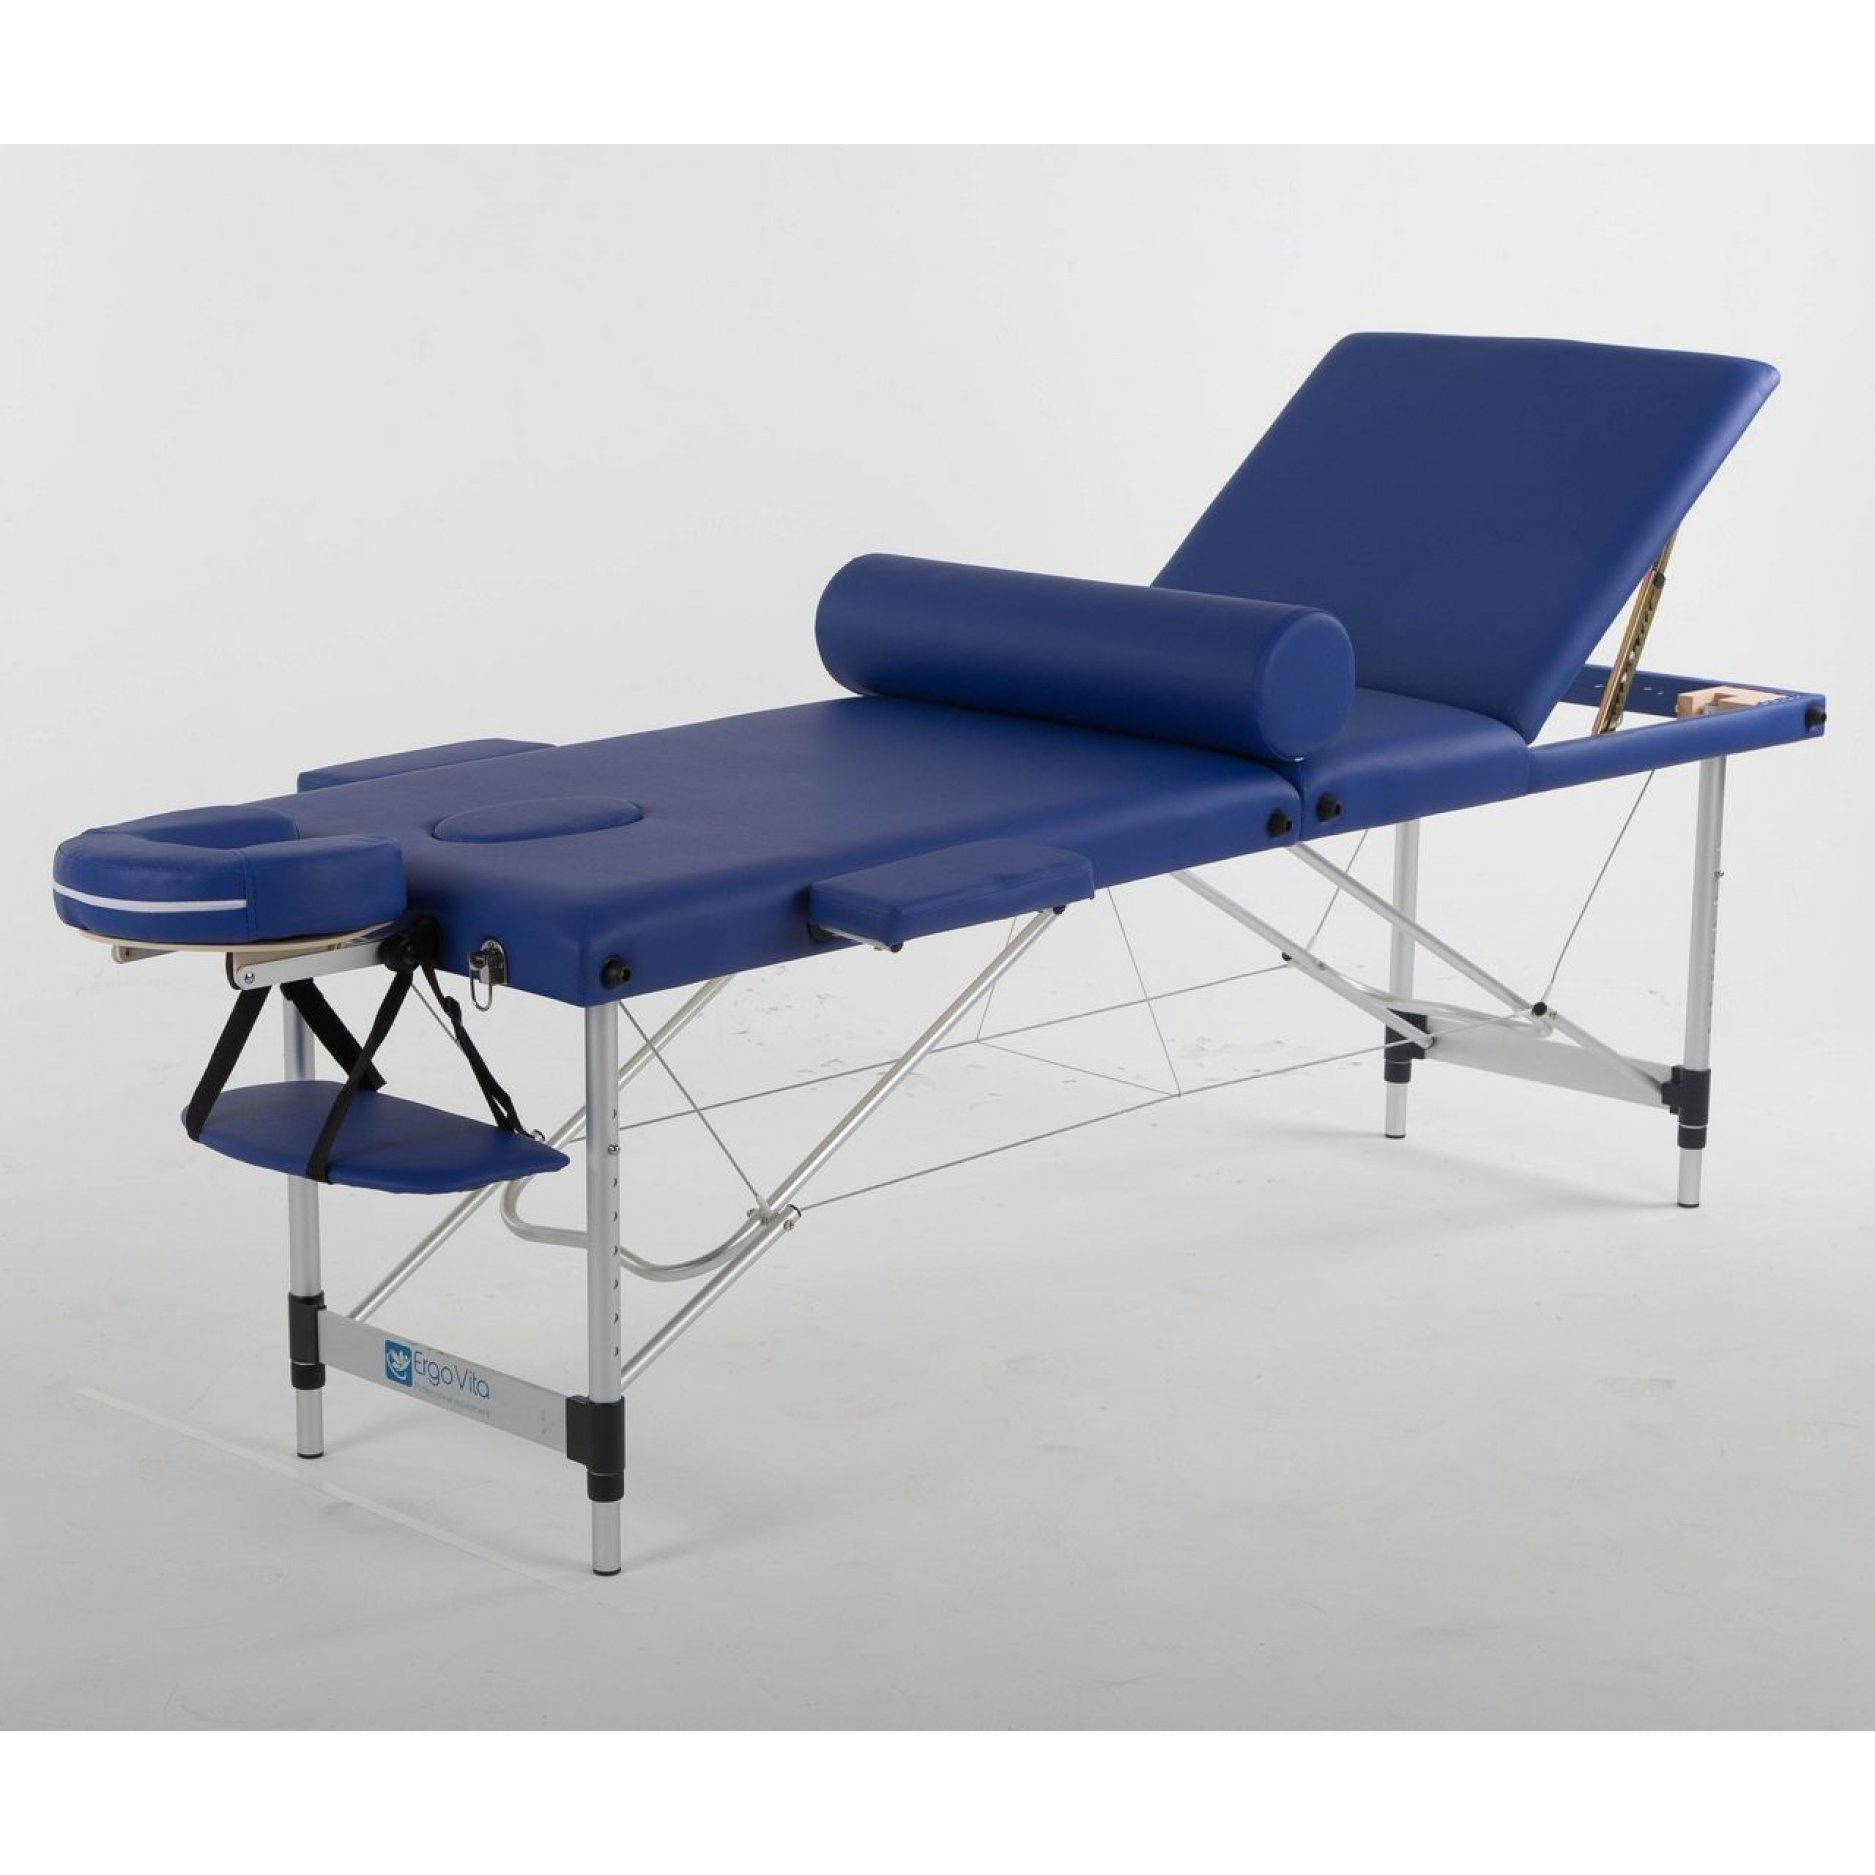 Складной массажный стол ErgoVita Classic Alu Plus синий